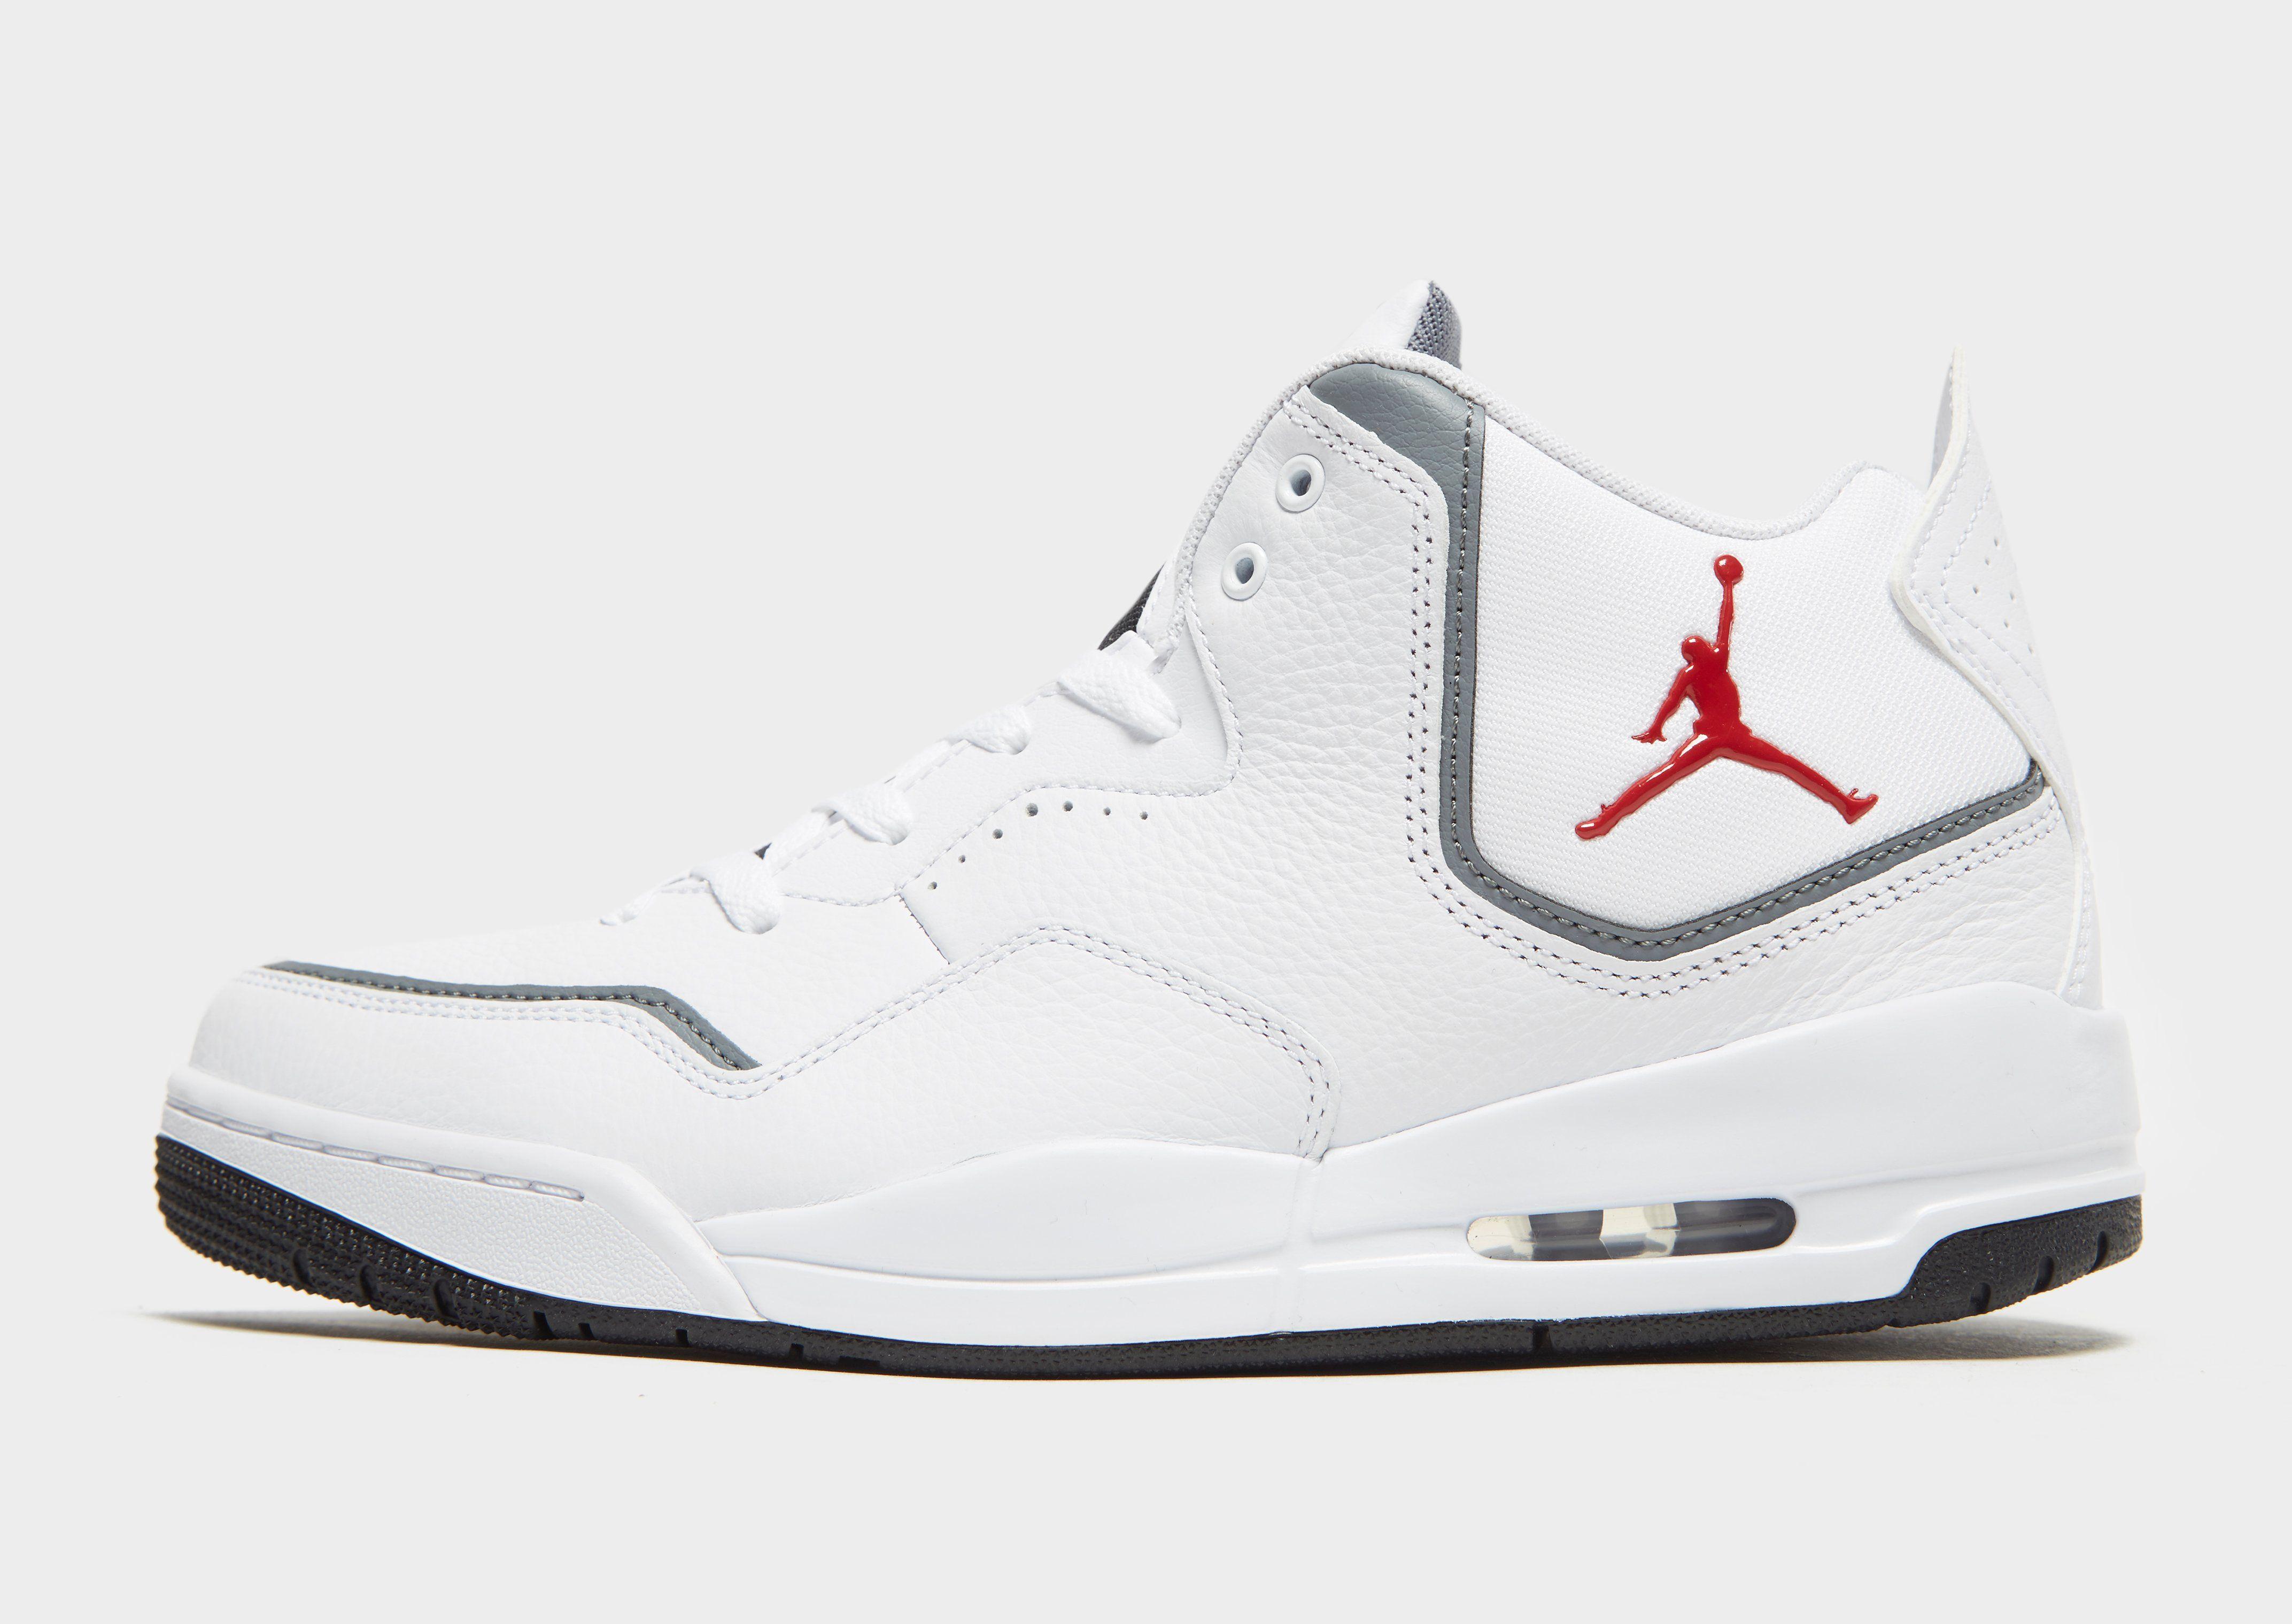 ffdb159a63d Jordan Courtside 23 | JD Sports